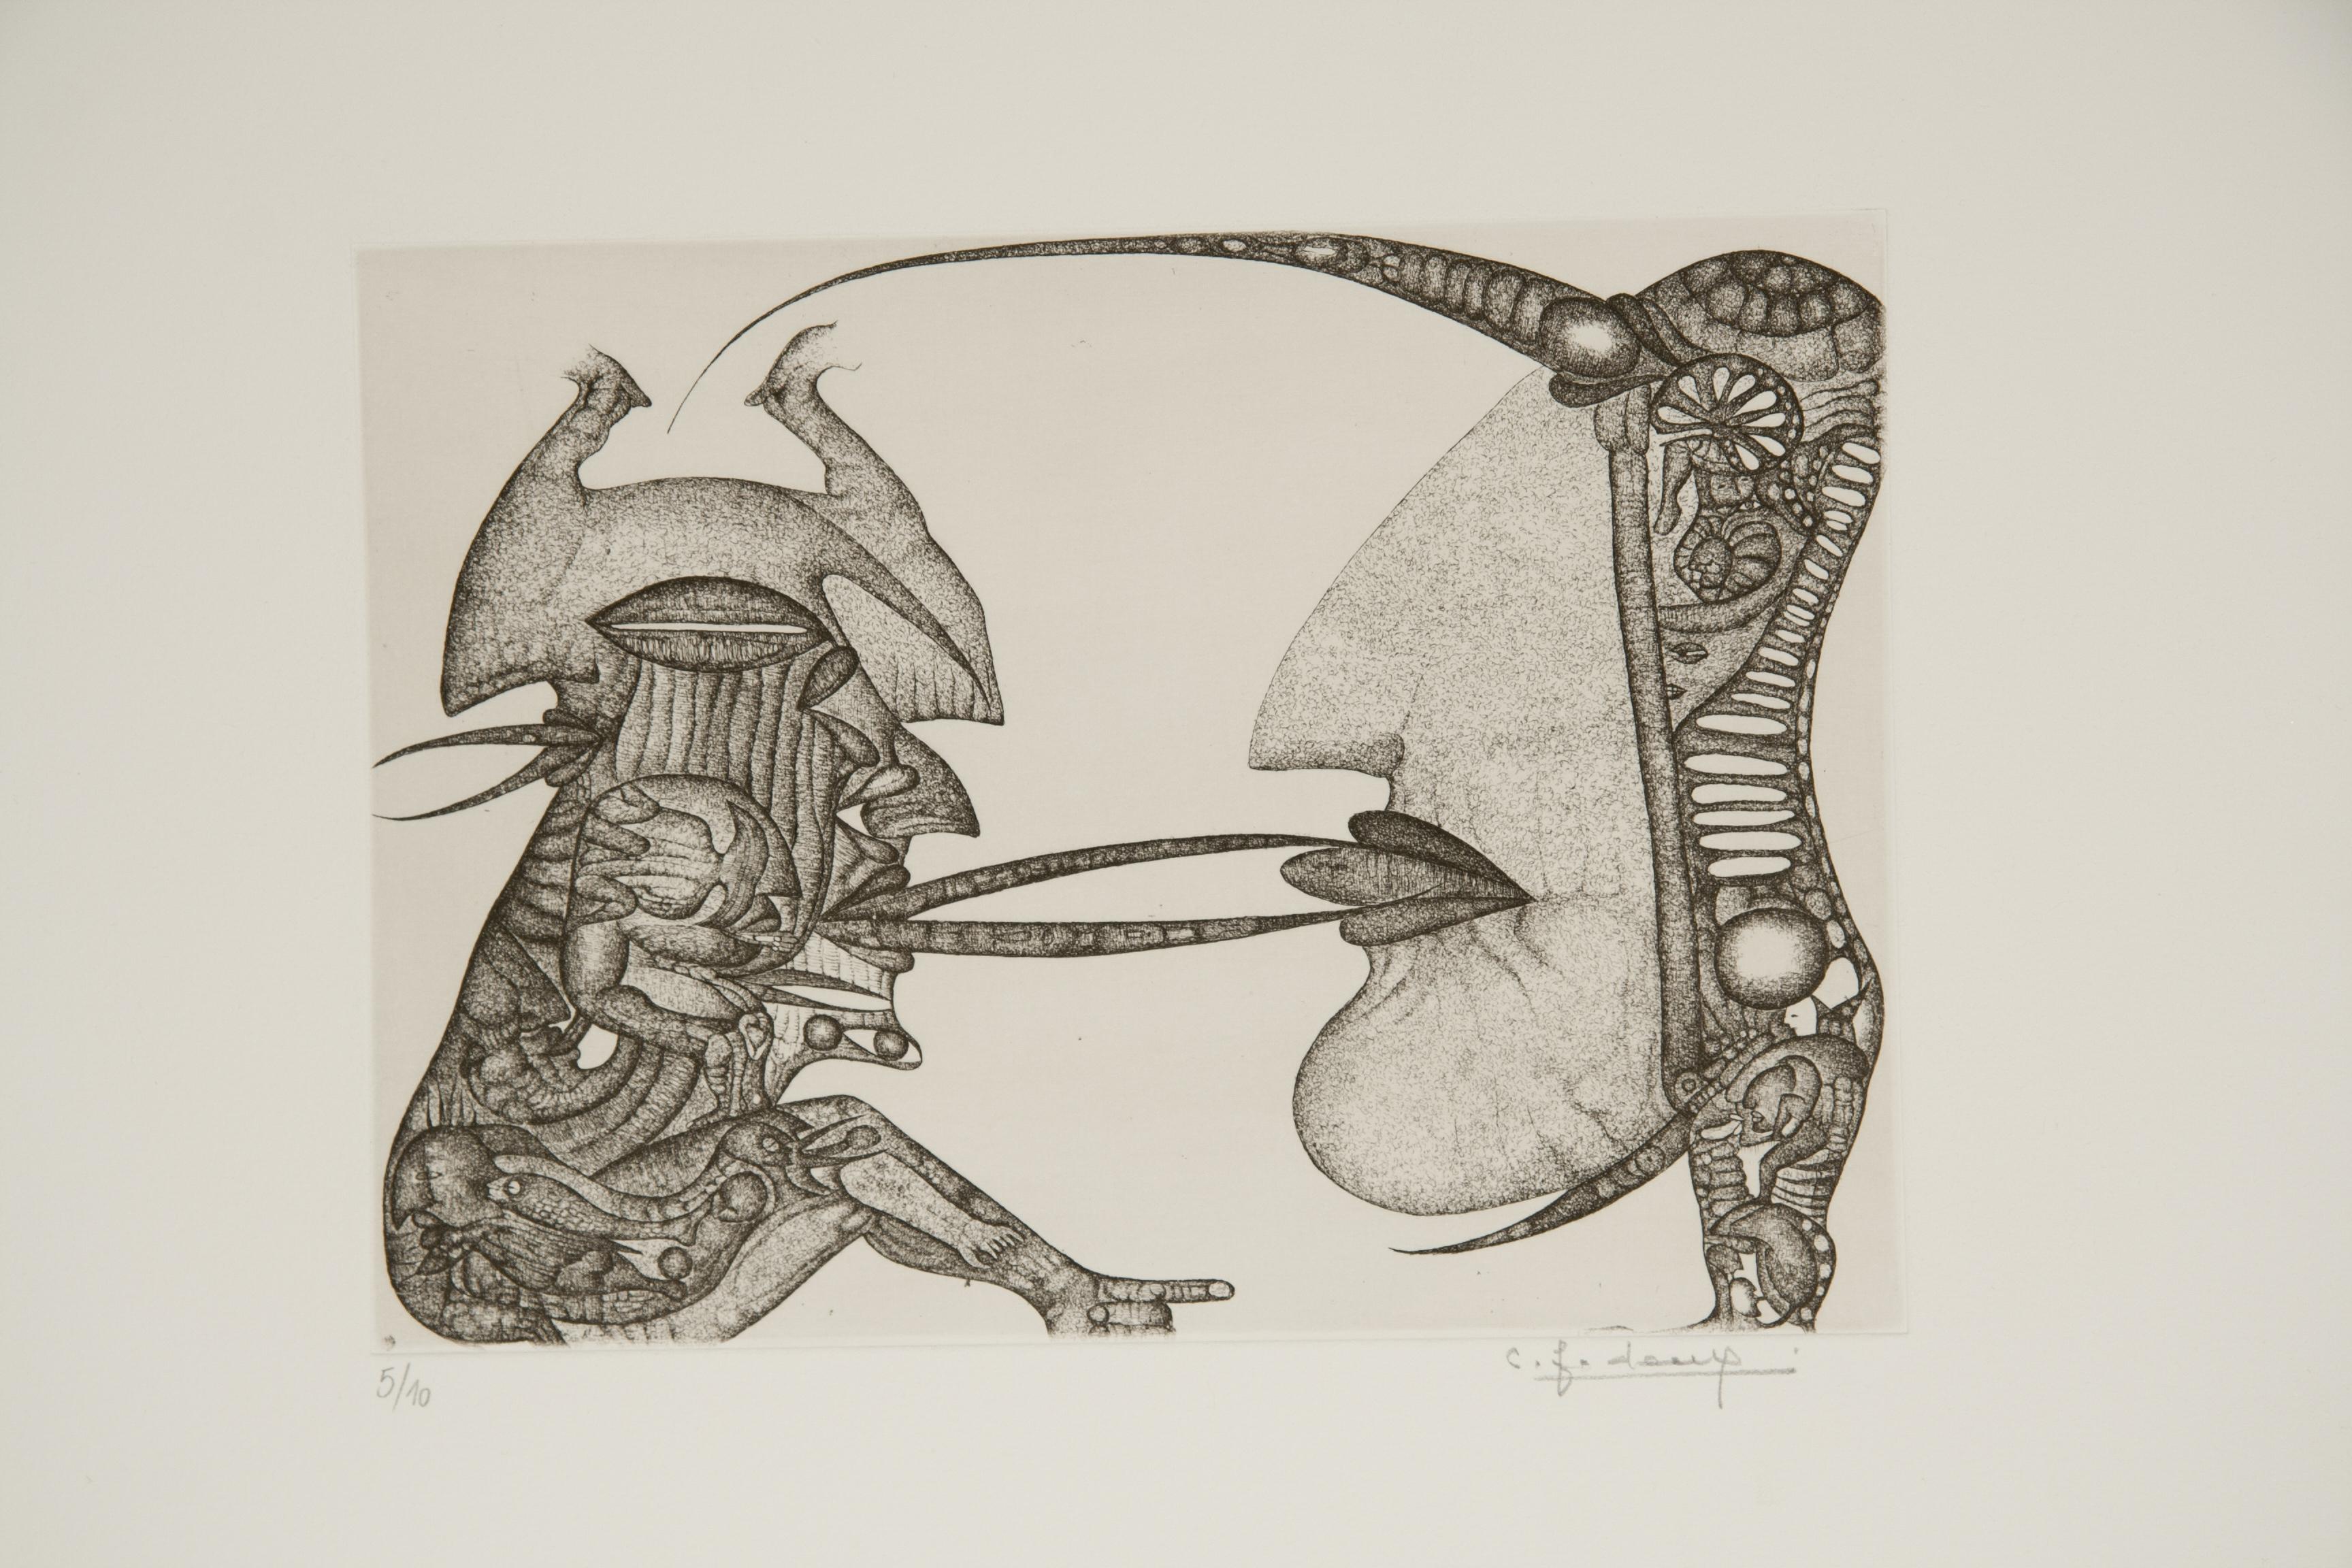 Cécile Reims, Sans titre, d'après un dessin de Fred Deux à l'encre de Chine, 1970 Eau-forte, 14 x 21